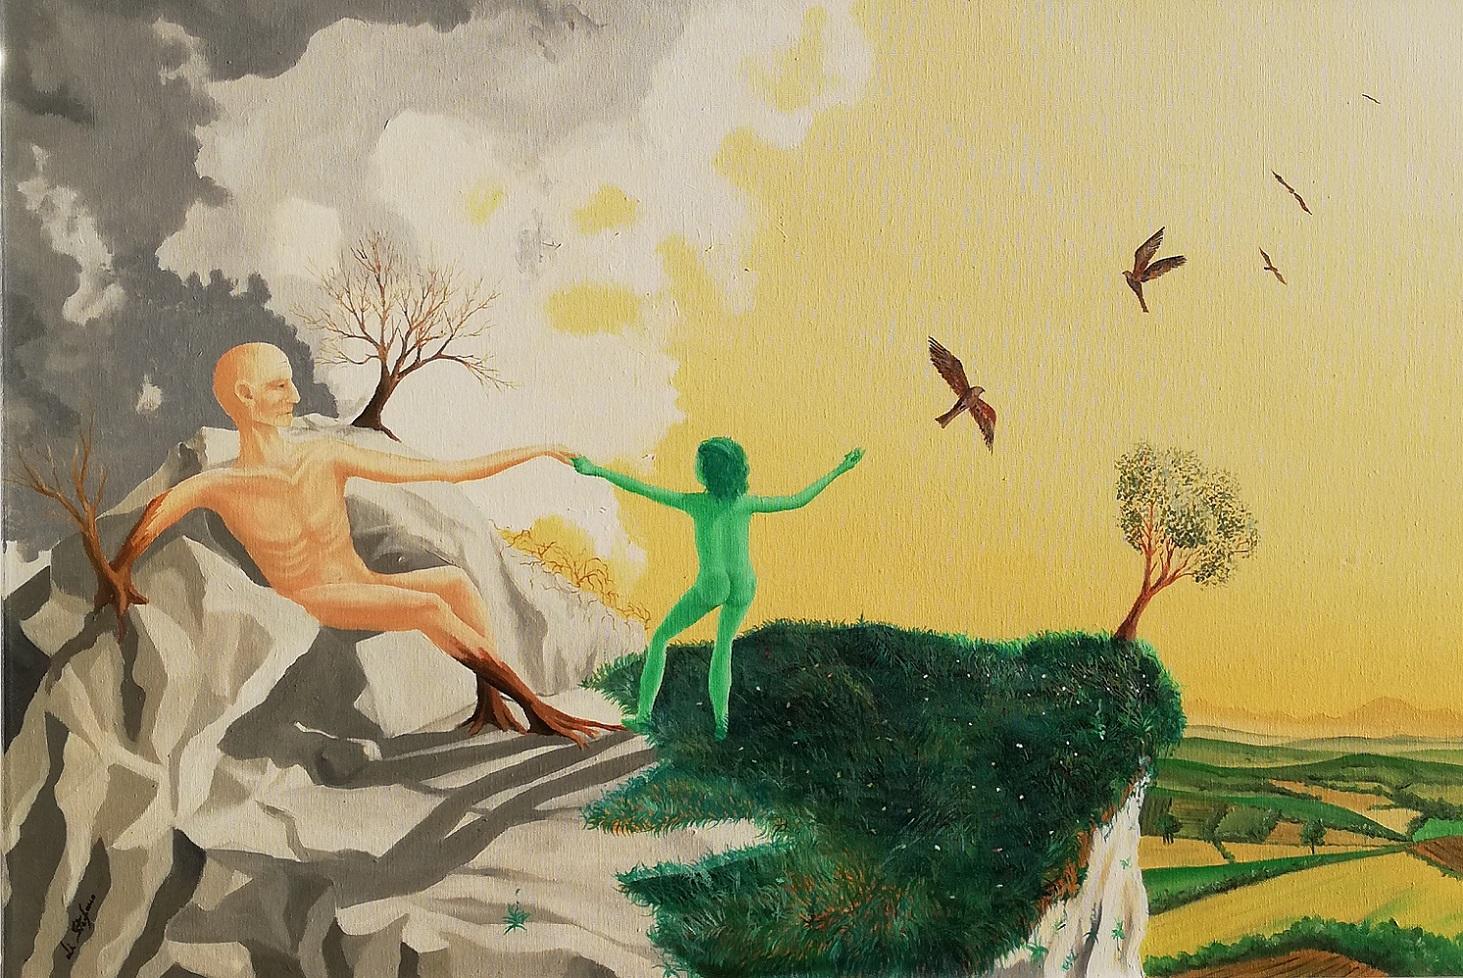 L'Angolo di Marta Lock: Enio Di Stefano, l'indagine metafisica sulla natura e le debolezze umane